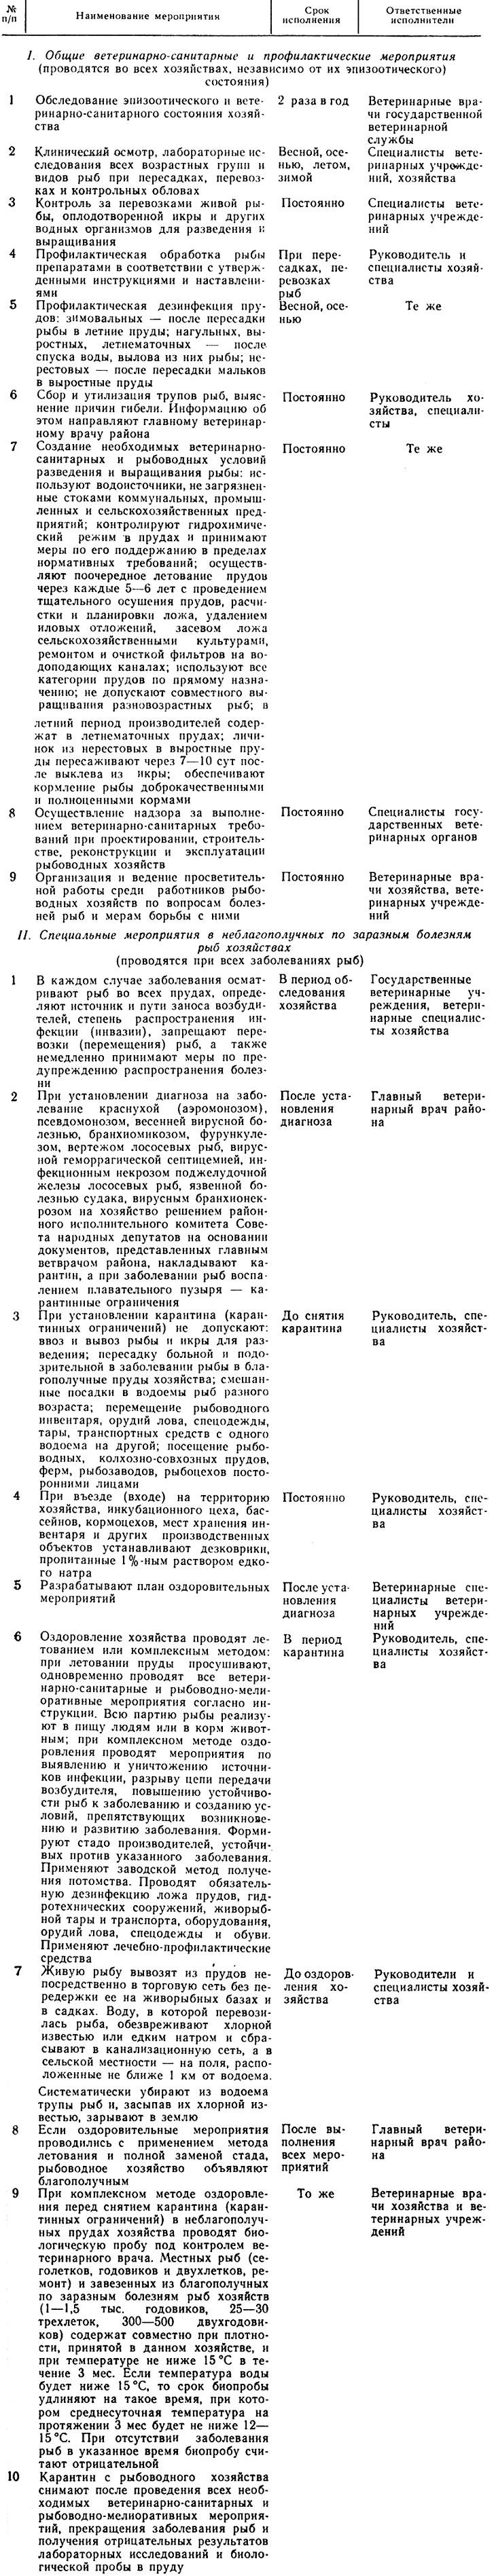 Таблица 7. Ветеринарно-санитарные, профилактические и оздоровительные мероприятия в рыбоводных хозяйствах